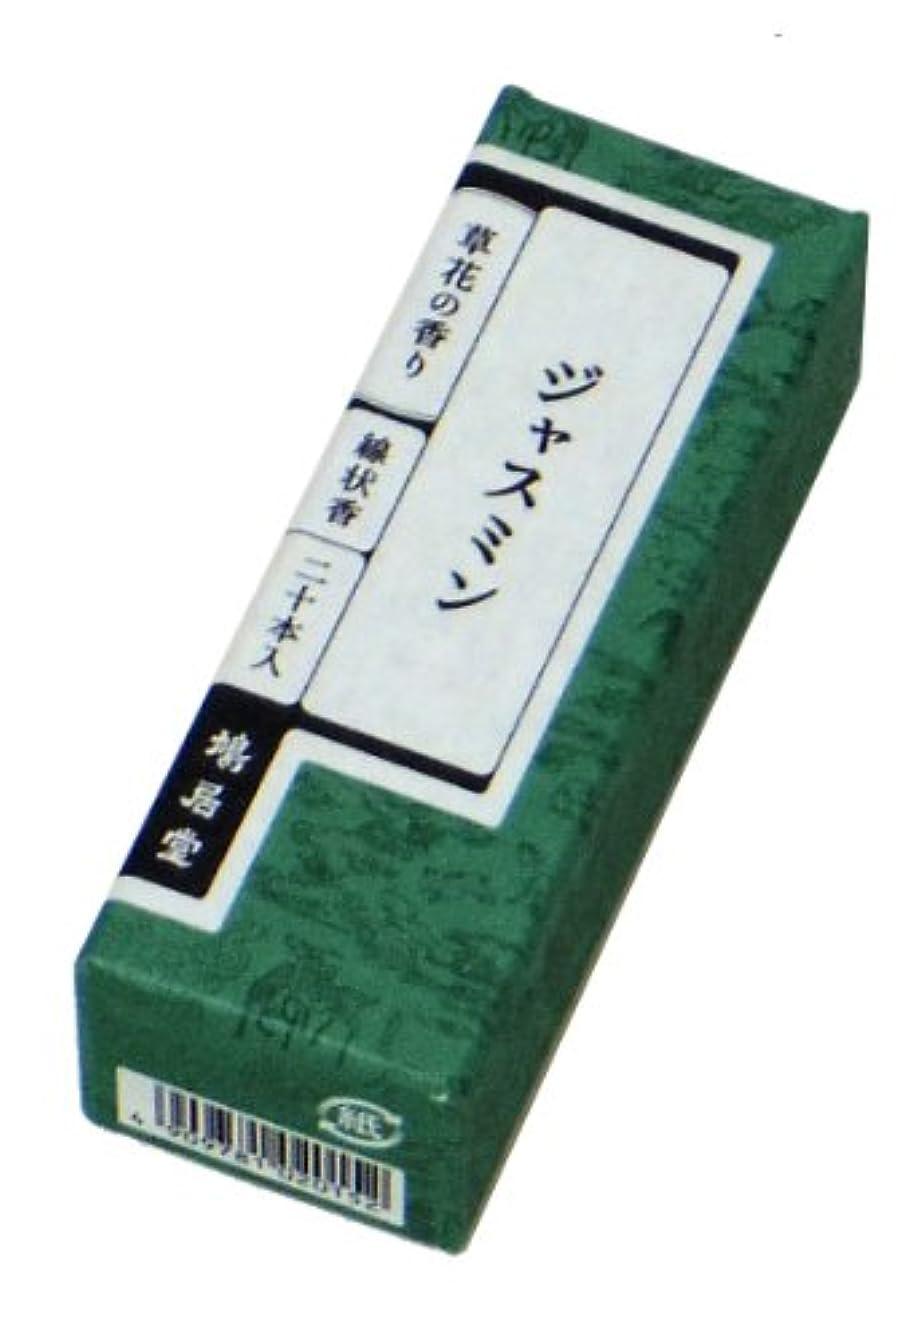 鳴り響くテクトニック日曜日鳩居堂のお香 草花の香り ジャスミン 20本入 6cm